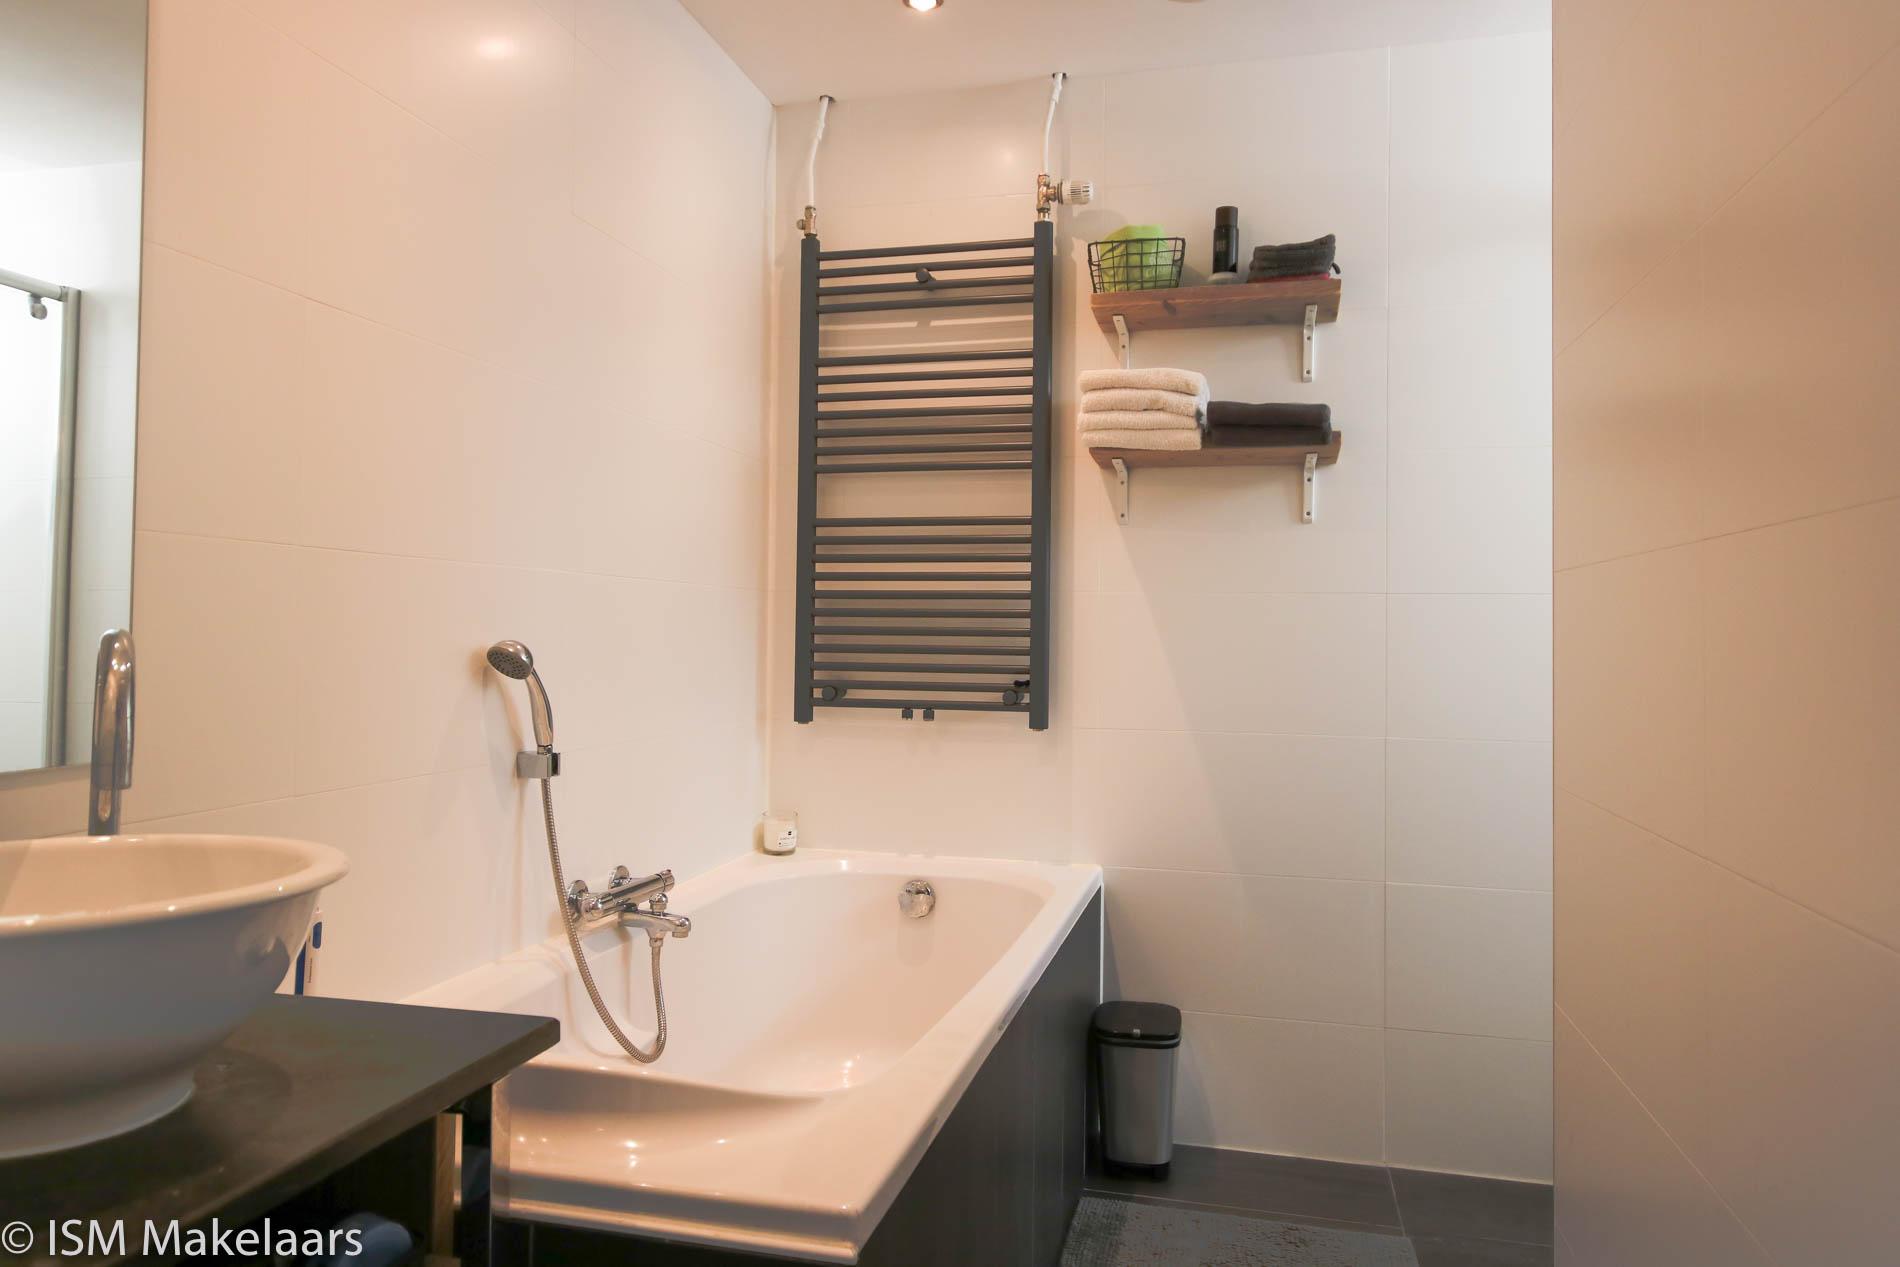 badkamer lepelstraat 19 wolphaartsdijk ism makelaars